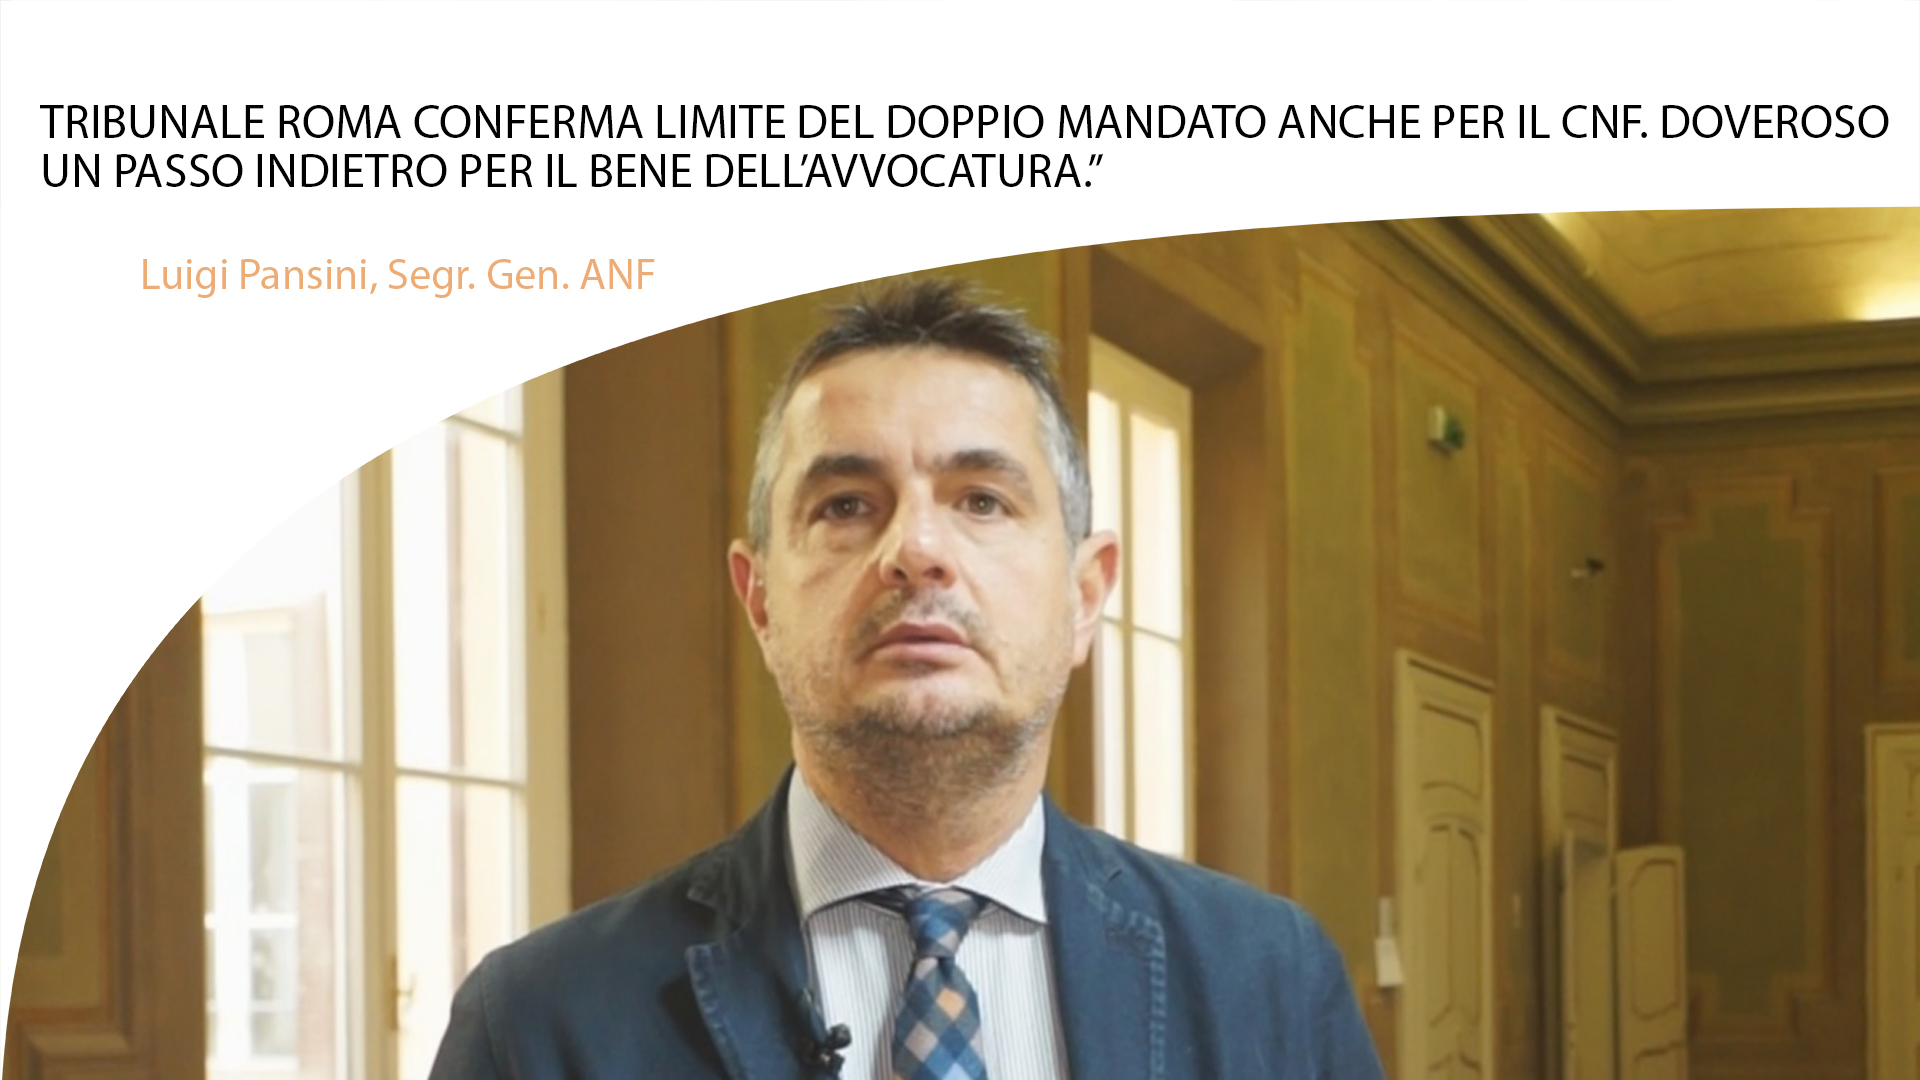 """""""TRIBUNALE ROMA CONFERMA LIMITE DEL DOPPIO MANDATO ANCHE PER IL CNF. DOVEROSO UN PASSO INDIETRO PER IL BENE DELL'AVVOCATURA."""""""